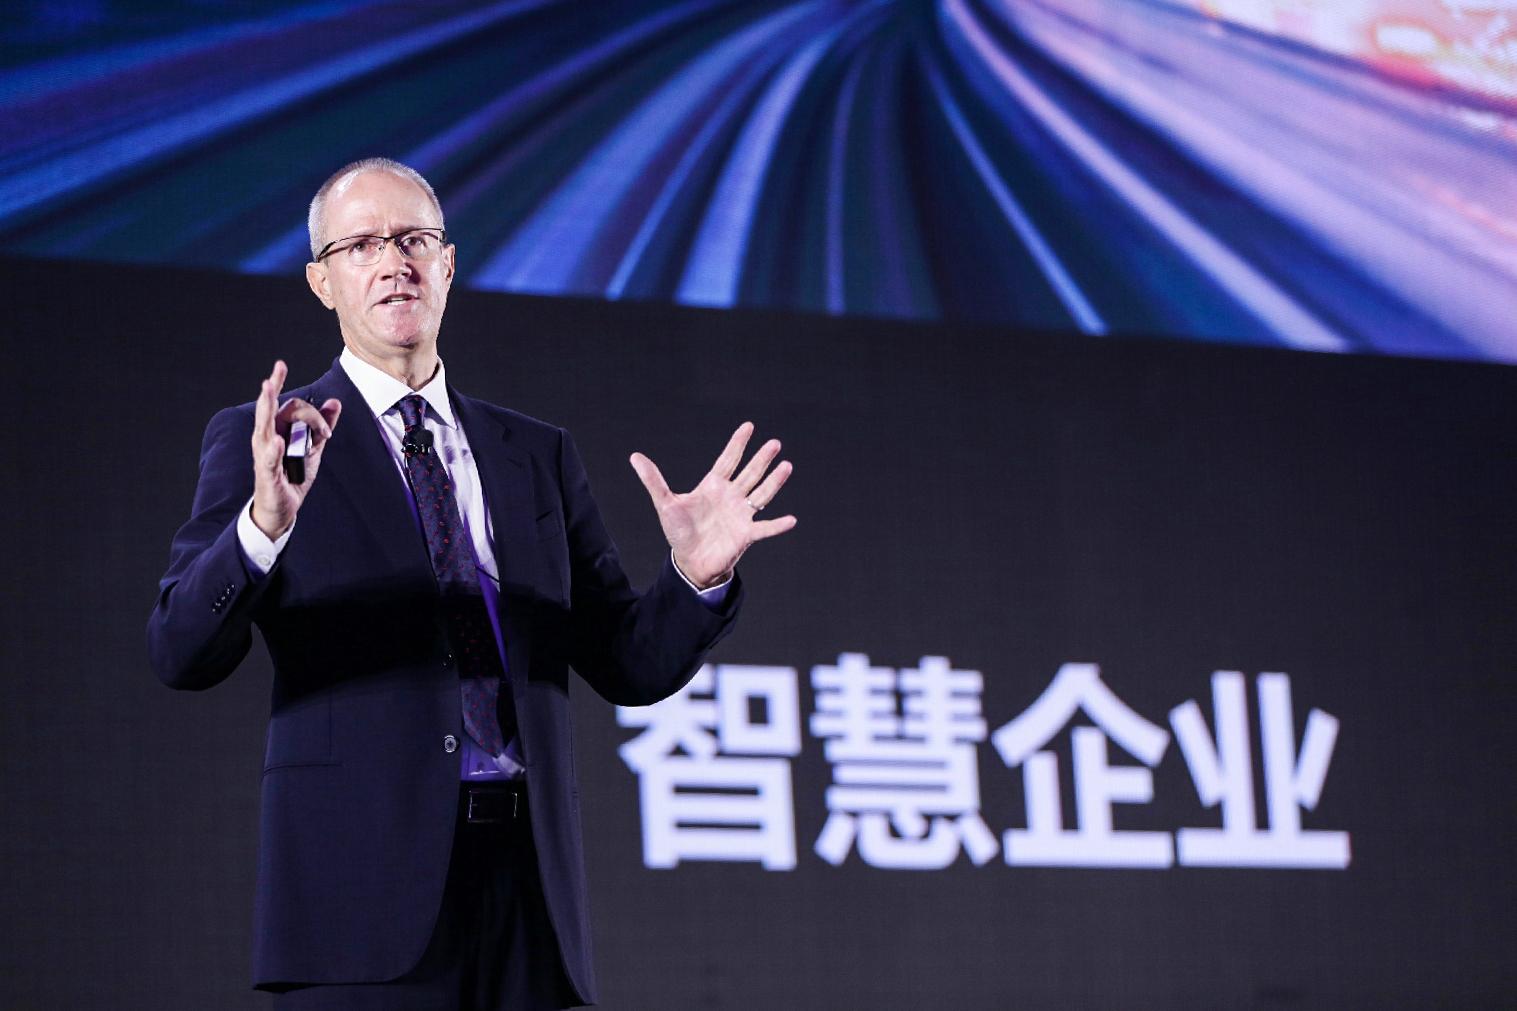 SAP:智慧企业是未来企业发展方向